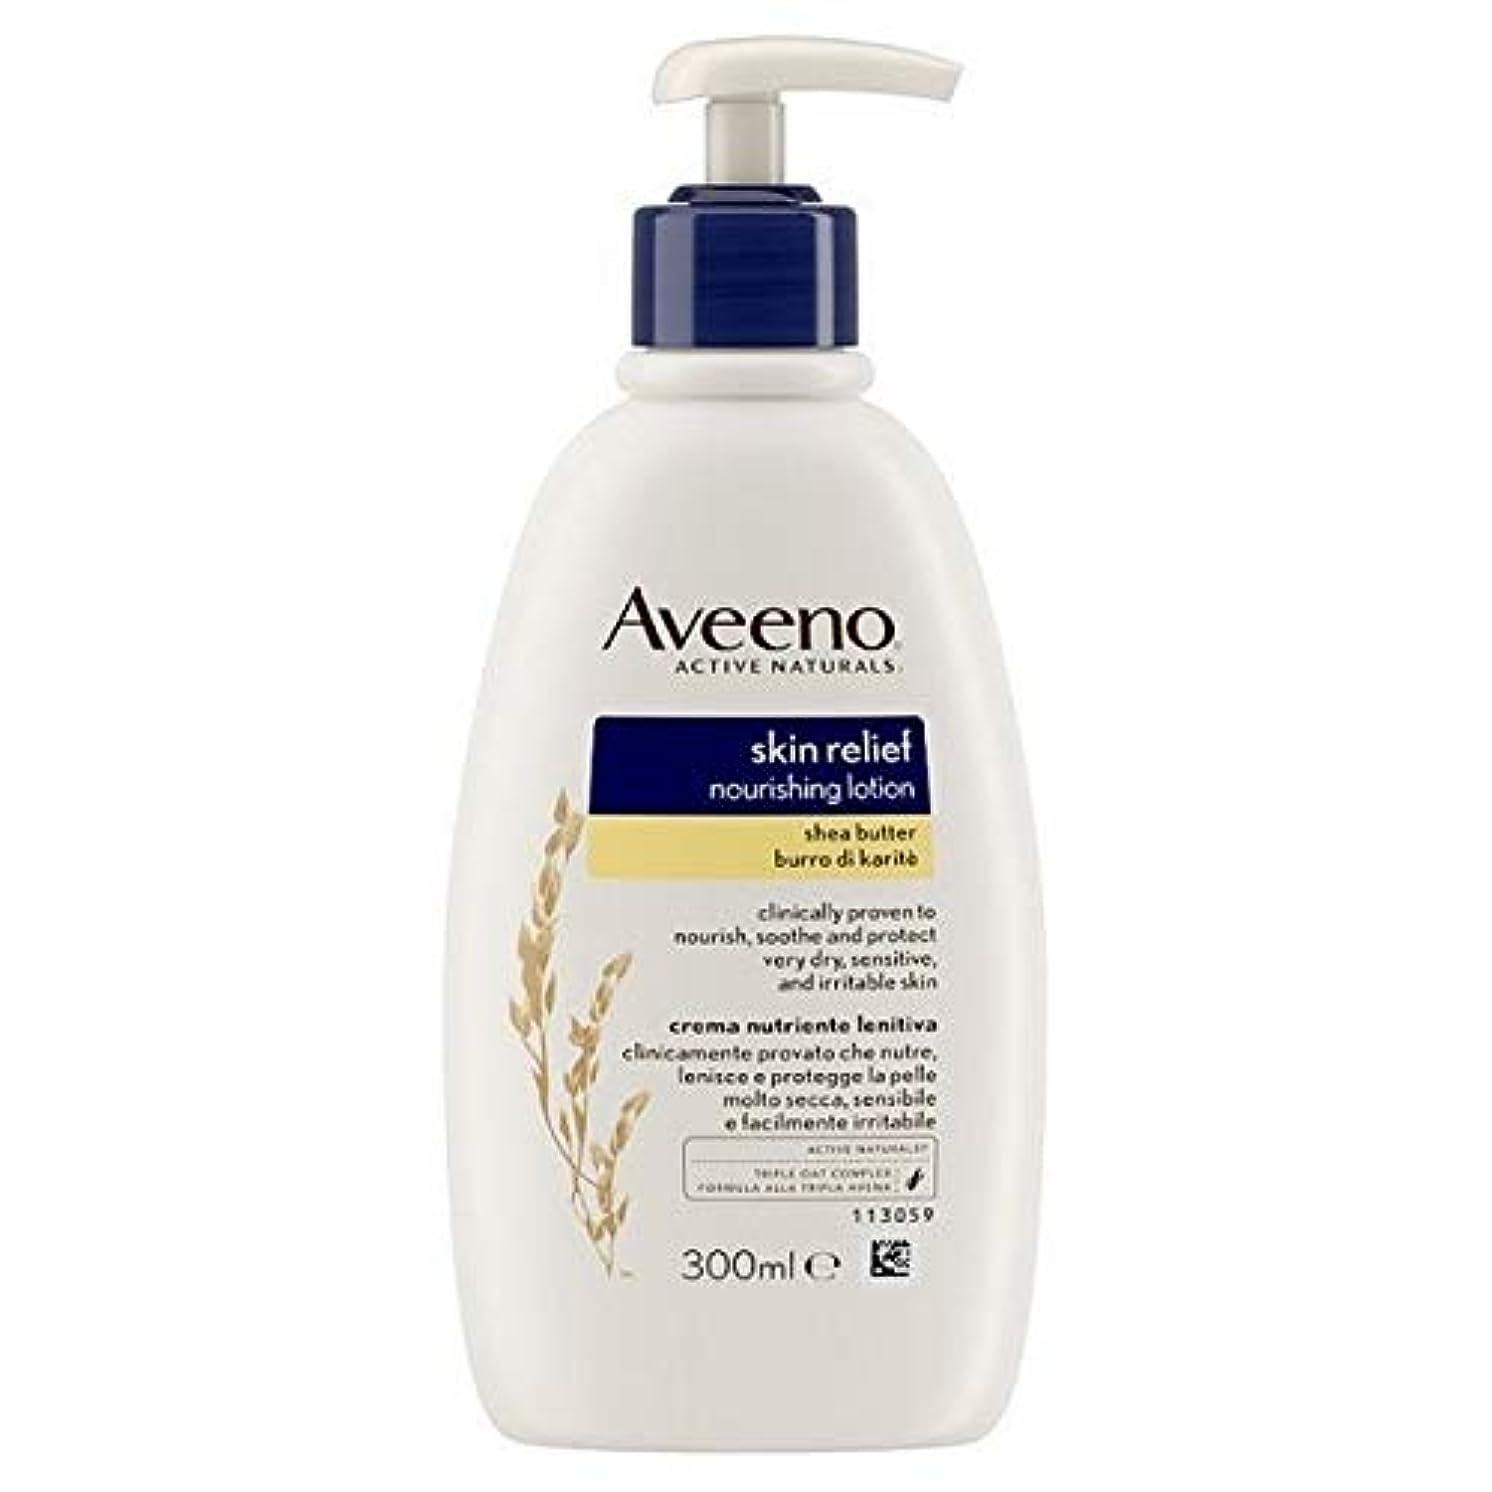 幹留まるロースト[Aveeno] Aveenoスキンリリーフローション300ミリリットル - Aveeno Skin Relief Lotion 300ml [並行輸入品]